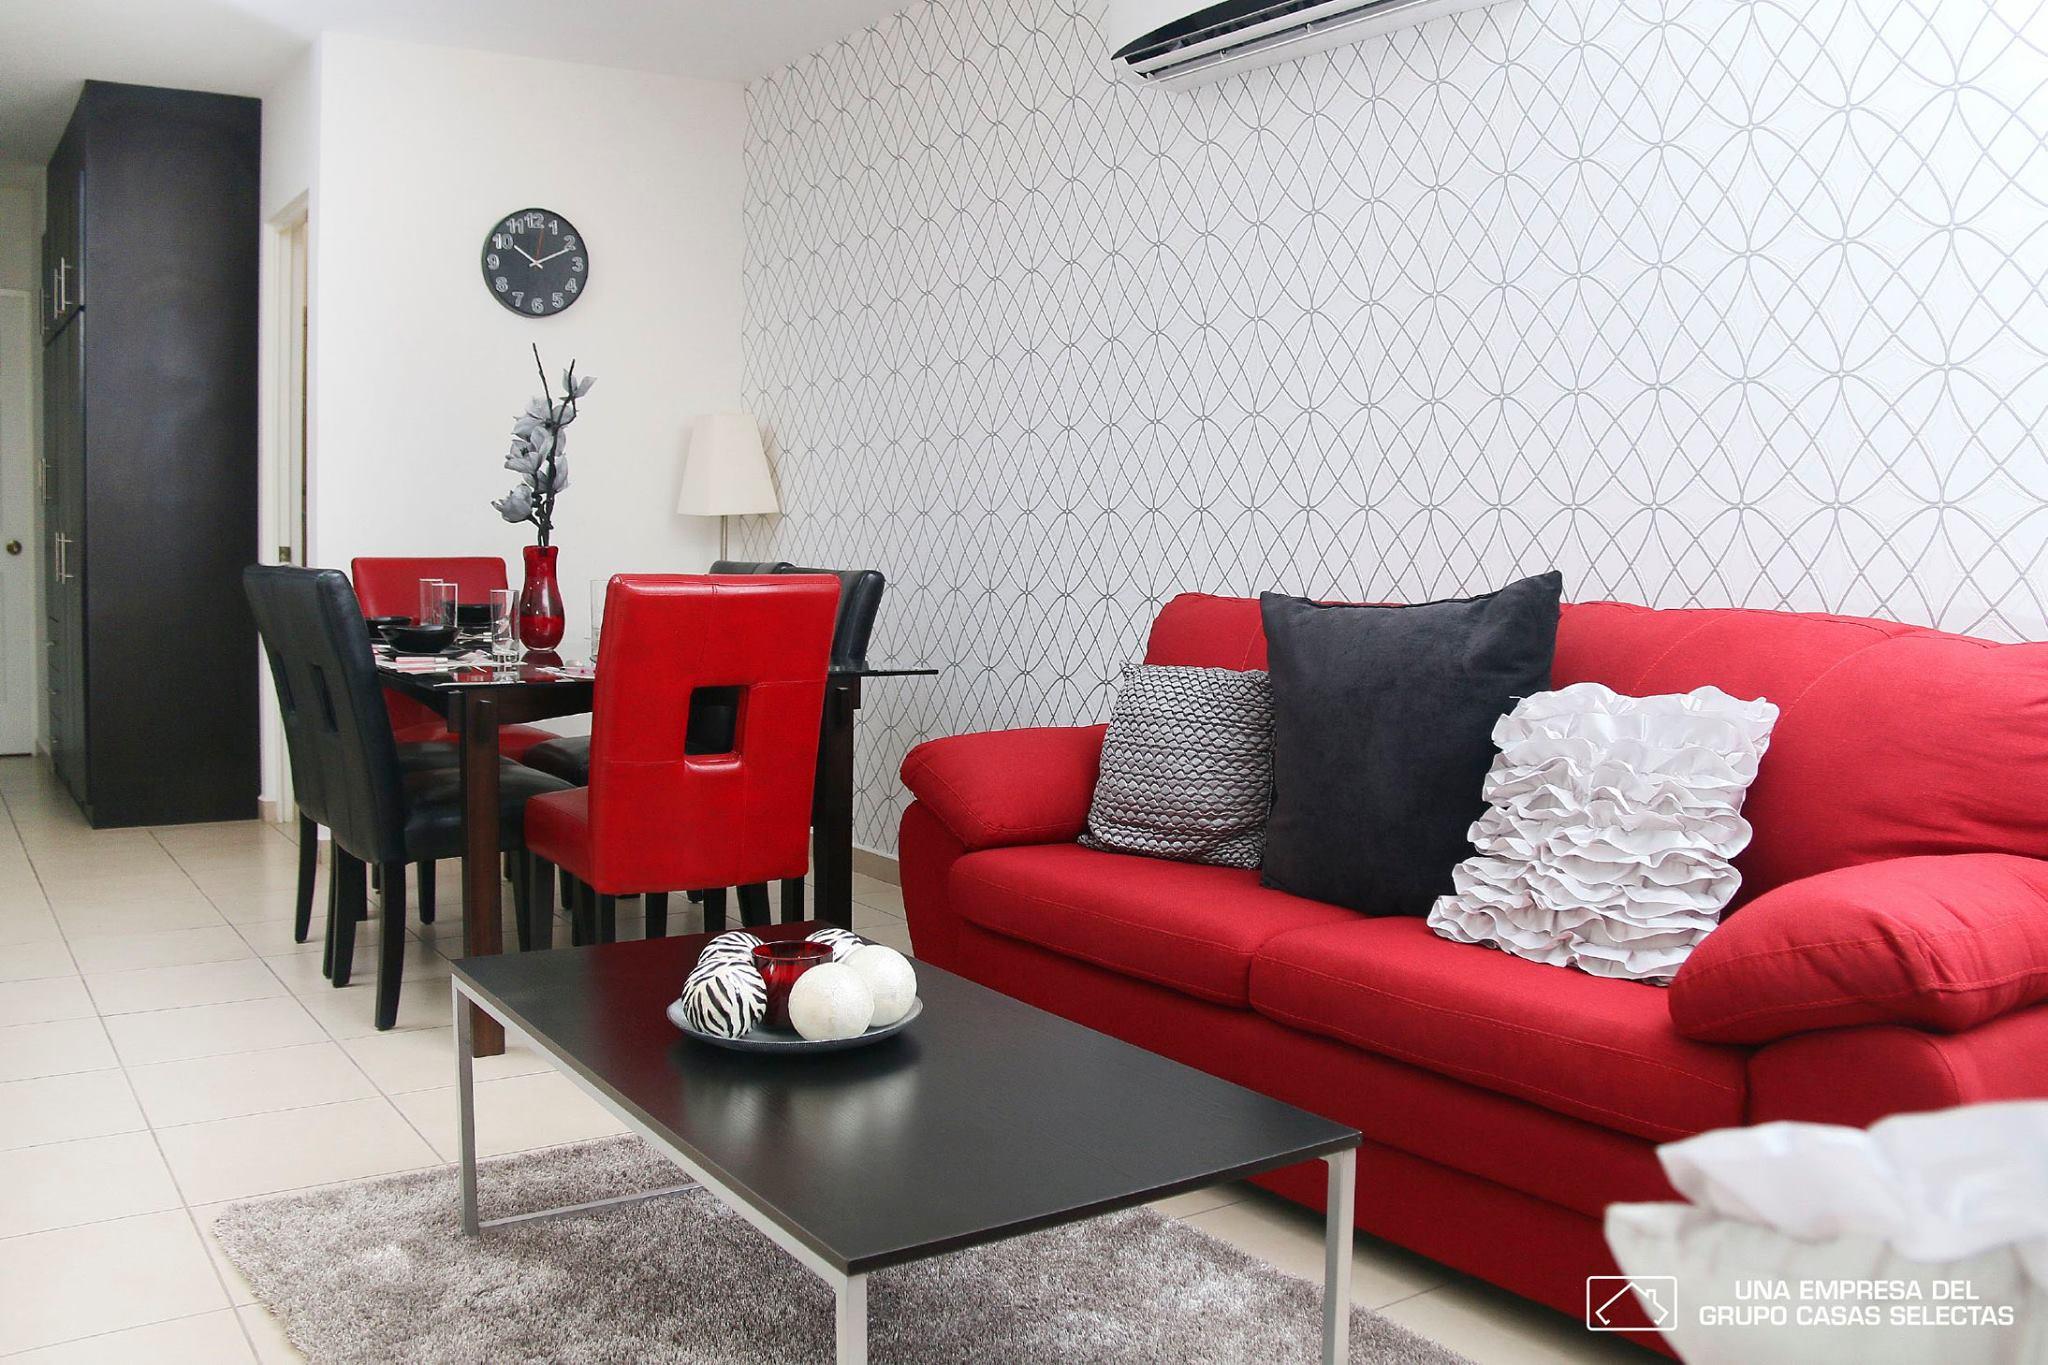 Casas muestra decoradas para casas de infonavit 3 for Decasa muebles y decoracion